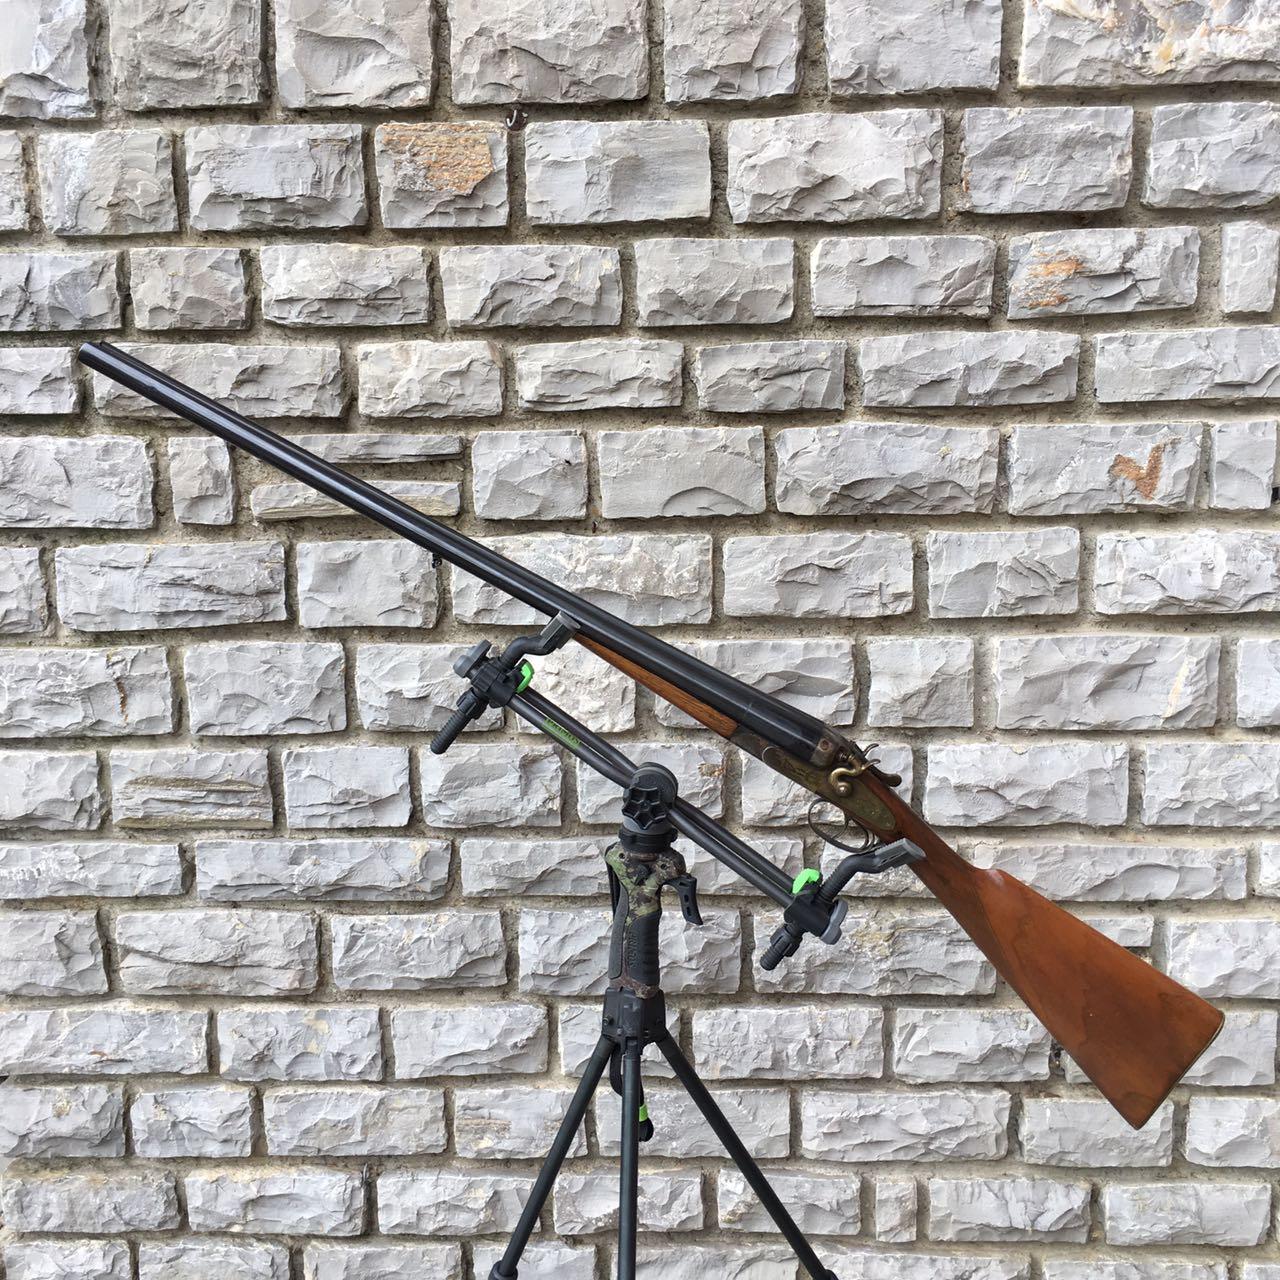 fucile da caccia beretta gardone calibro 12